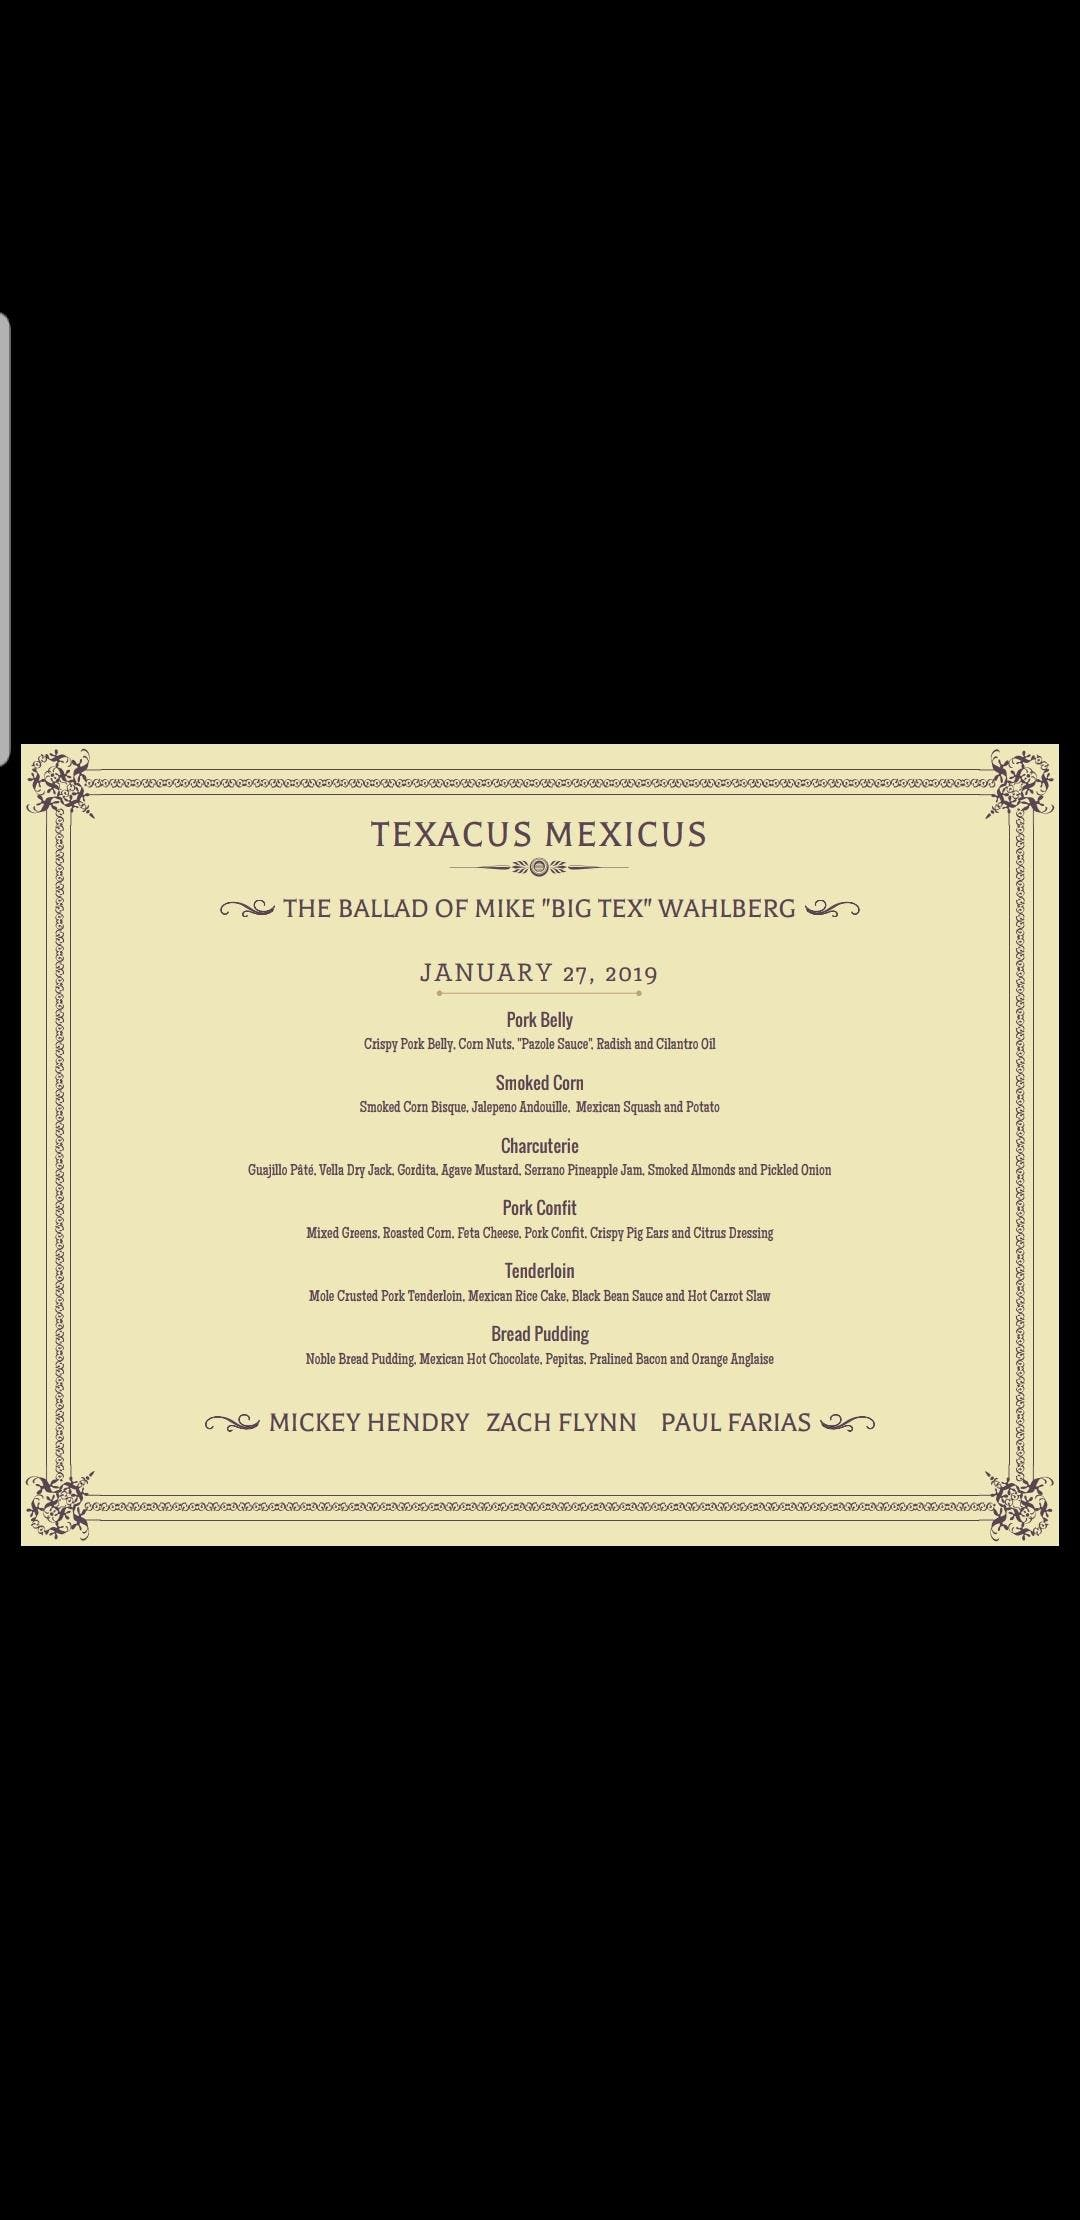 Texacus Mexicus